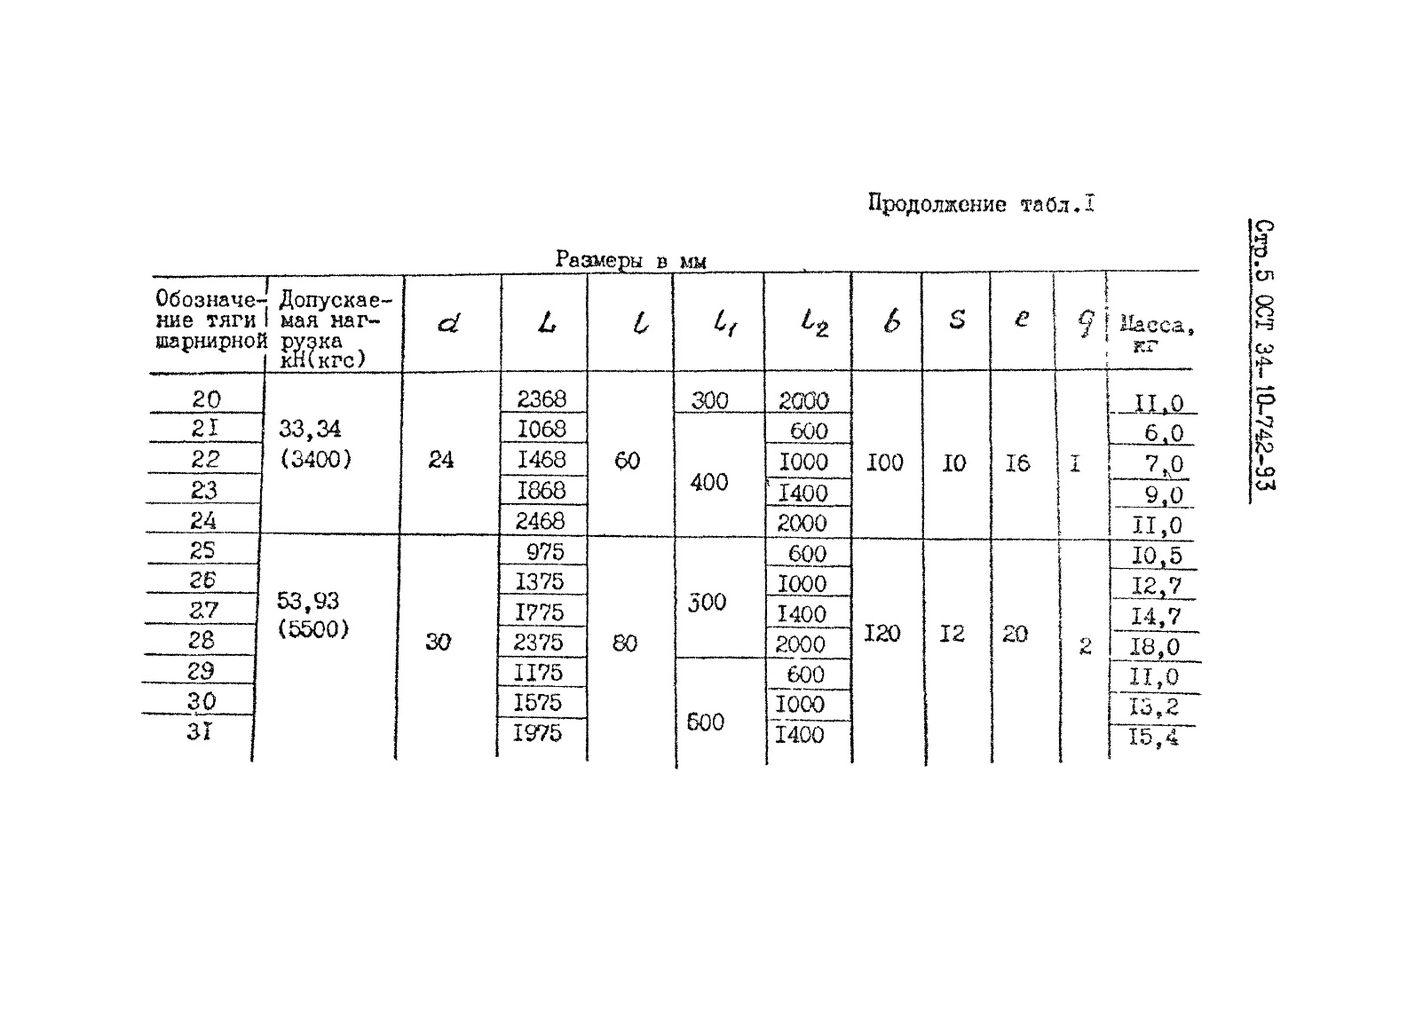 Тяги шарнирные ОСТ 34-10-742-93 стр.5